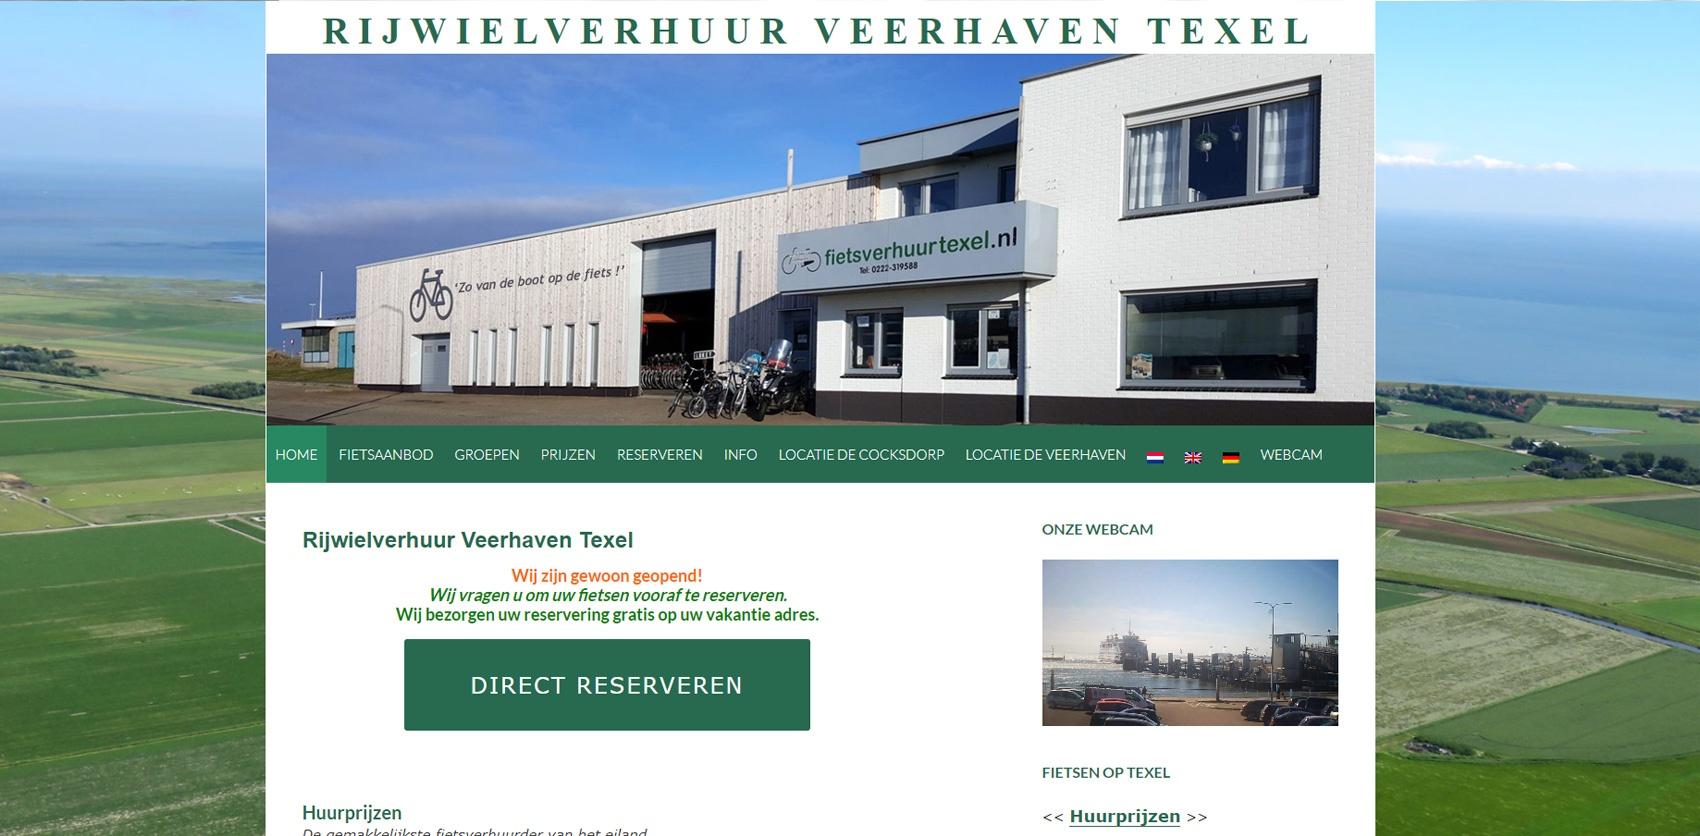 Fietsverhuur Veerhaven Texel